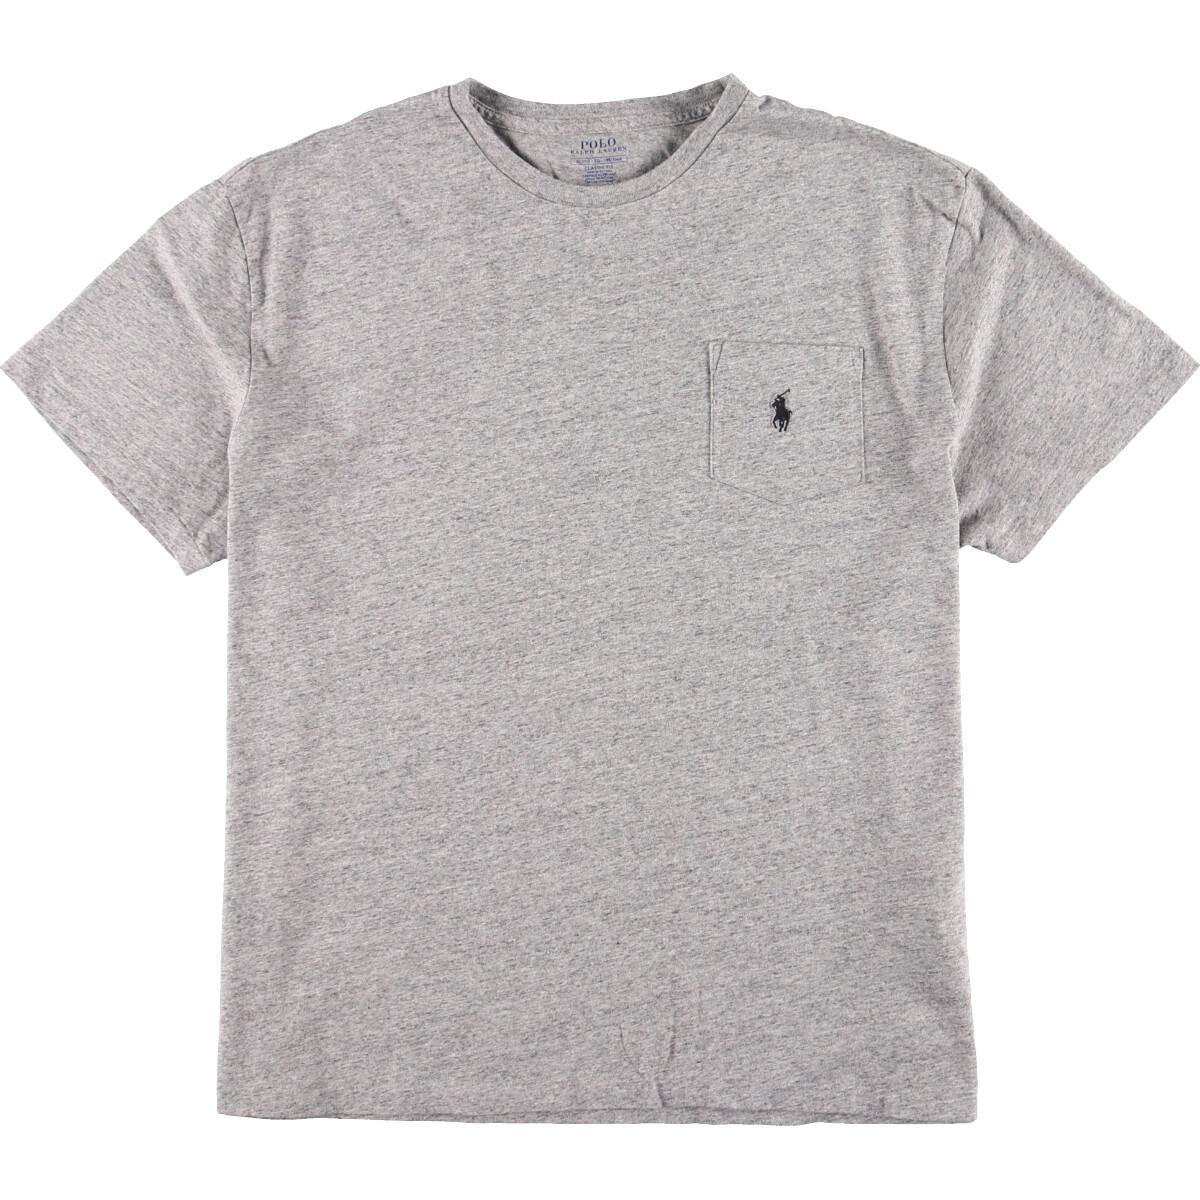 ラルフローレン Ralph Lauren POLO RALPH LAUREN 半袖 ワンポイントロゴポケットTシャツ メンズXL /eaa160158_画像1